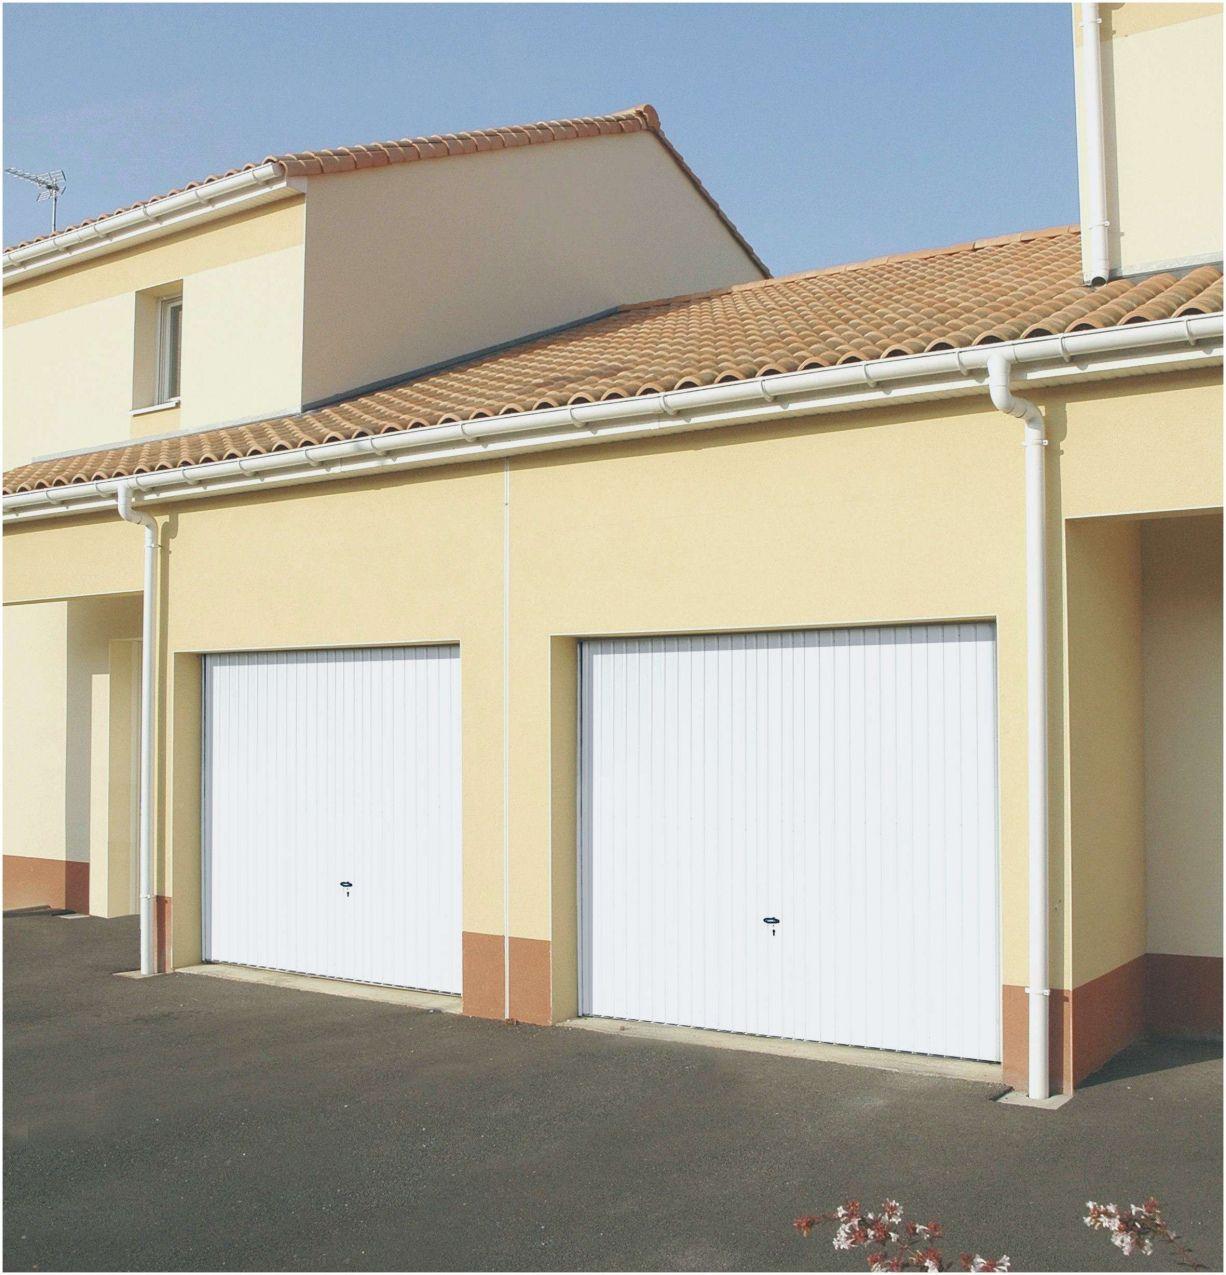 70 Grille De Defense Castorama 2020 Garage Door Design Interior Design Bedroom Bedroom Interior